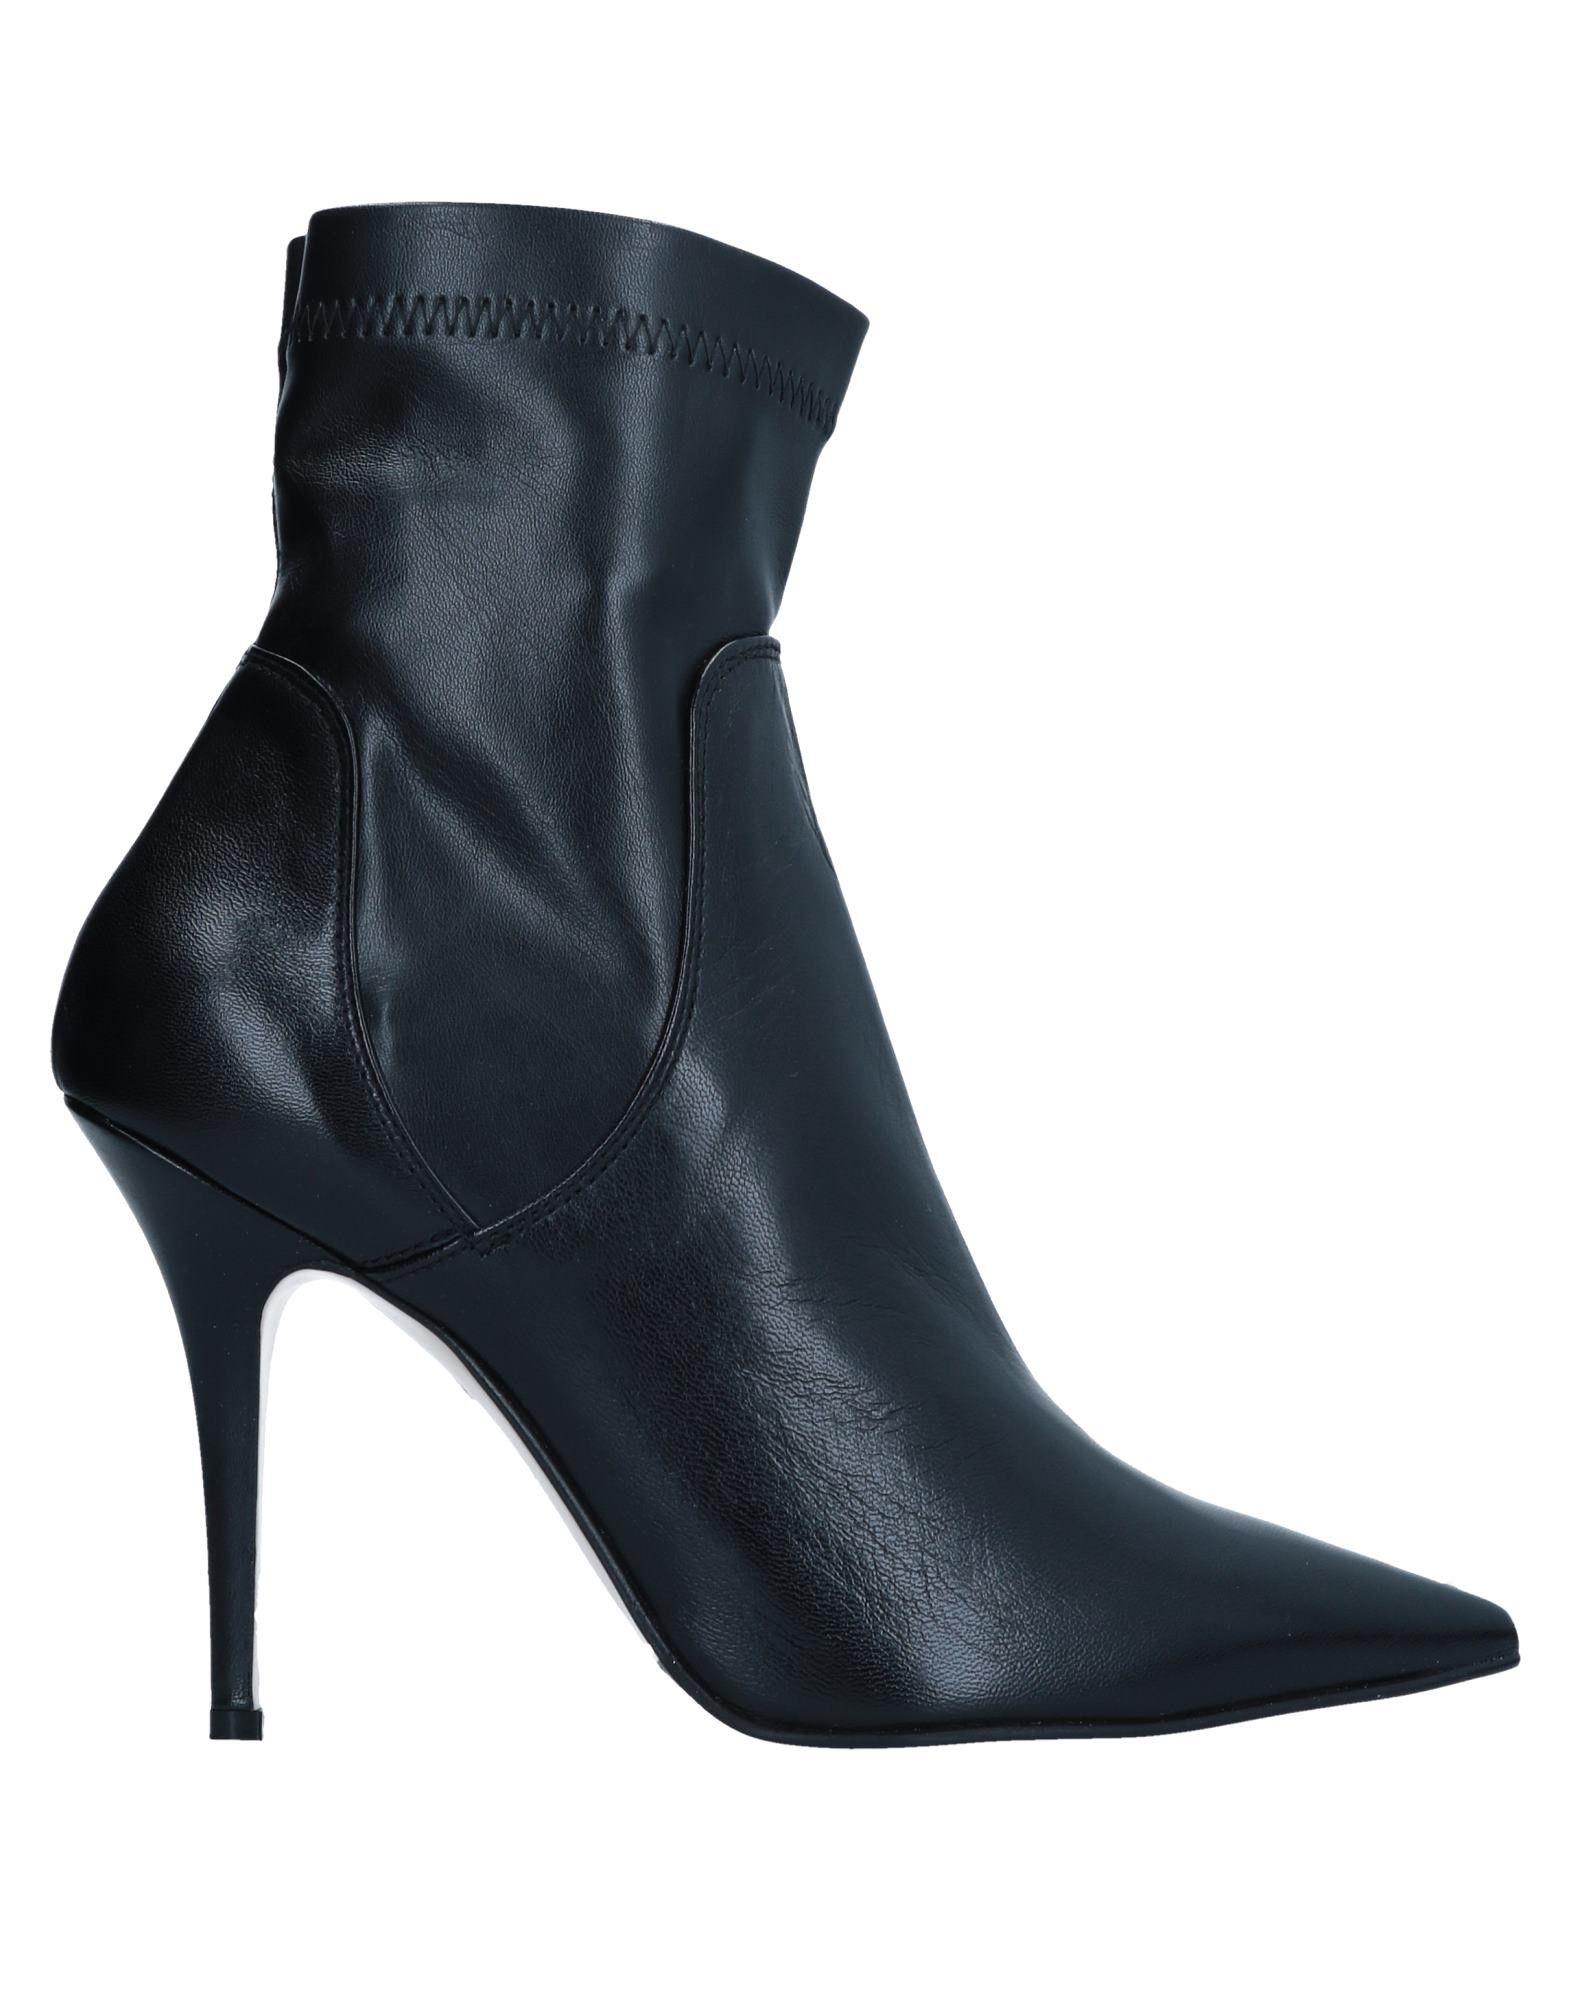 Gut um Stiefelette billige Schuhe zu tragenRouge Stiefelette um Damen  11527240IG a8ea3b